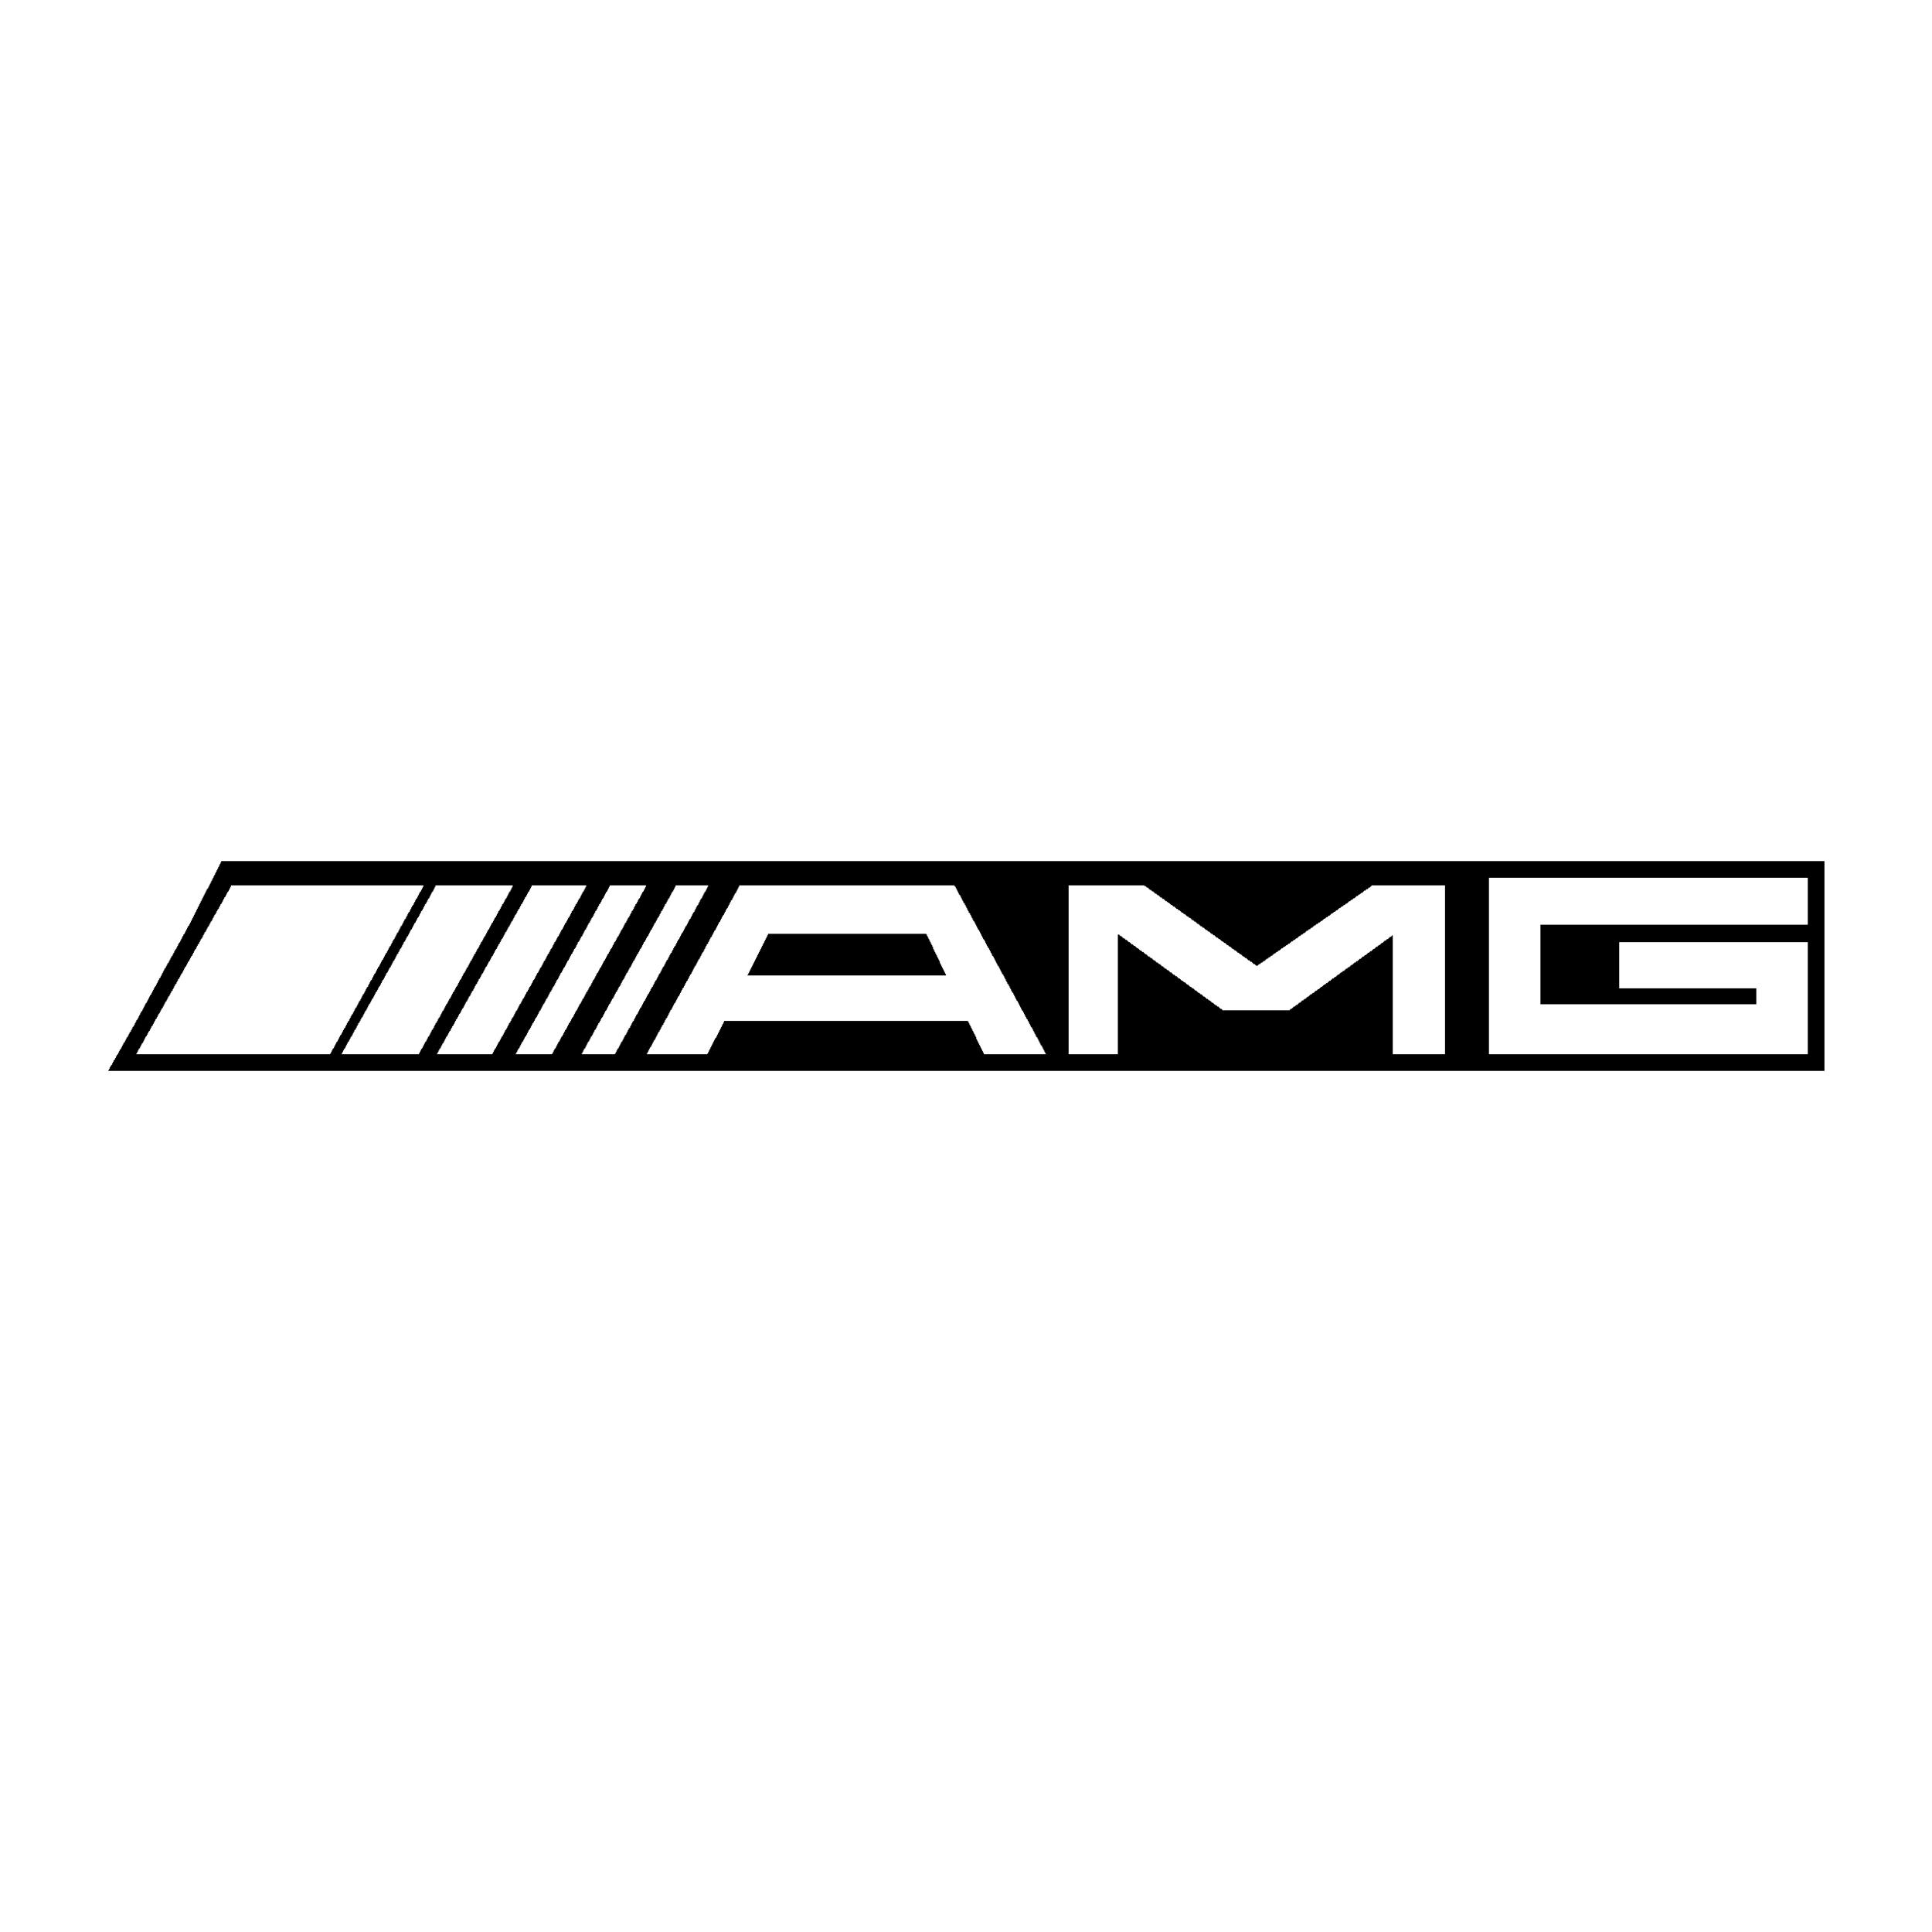 stickers amg contours sponsors premstick. Black Bedroom Furniture Sets. Home Design Ideas